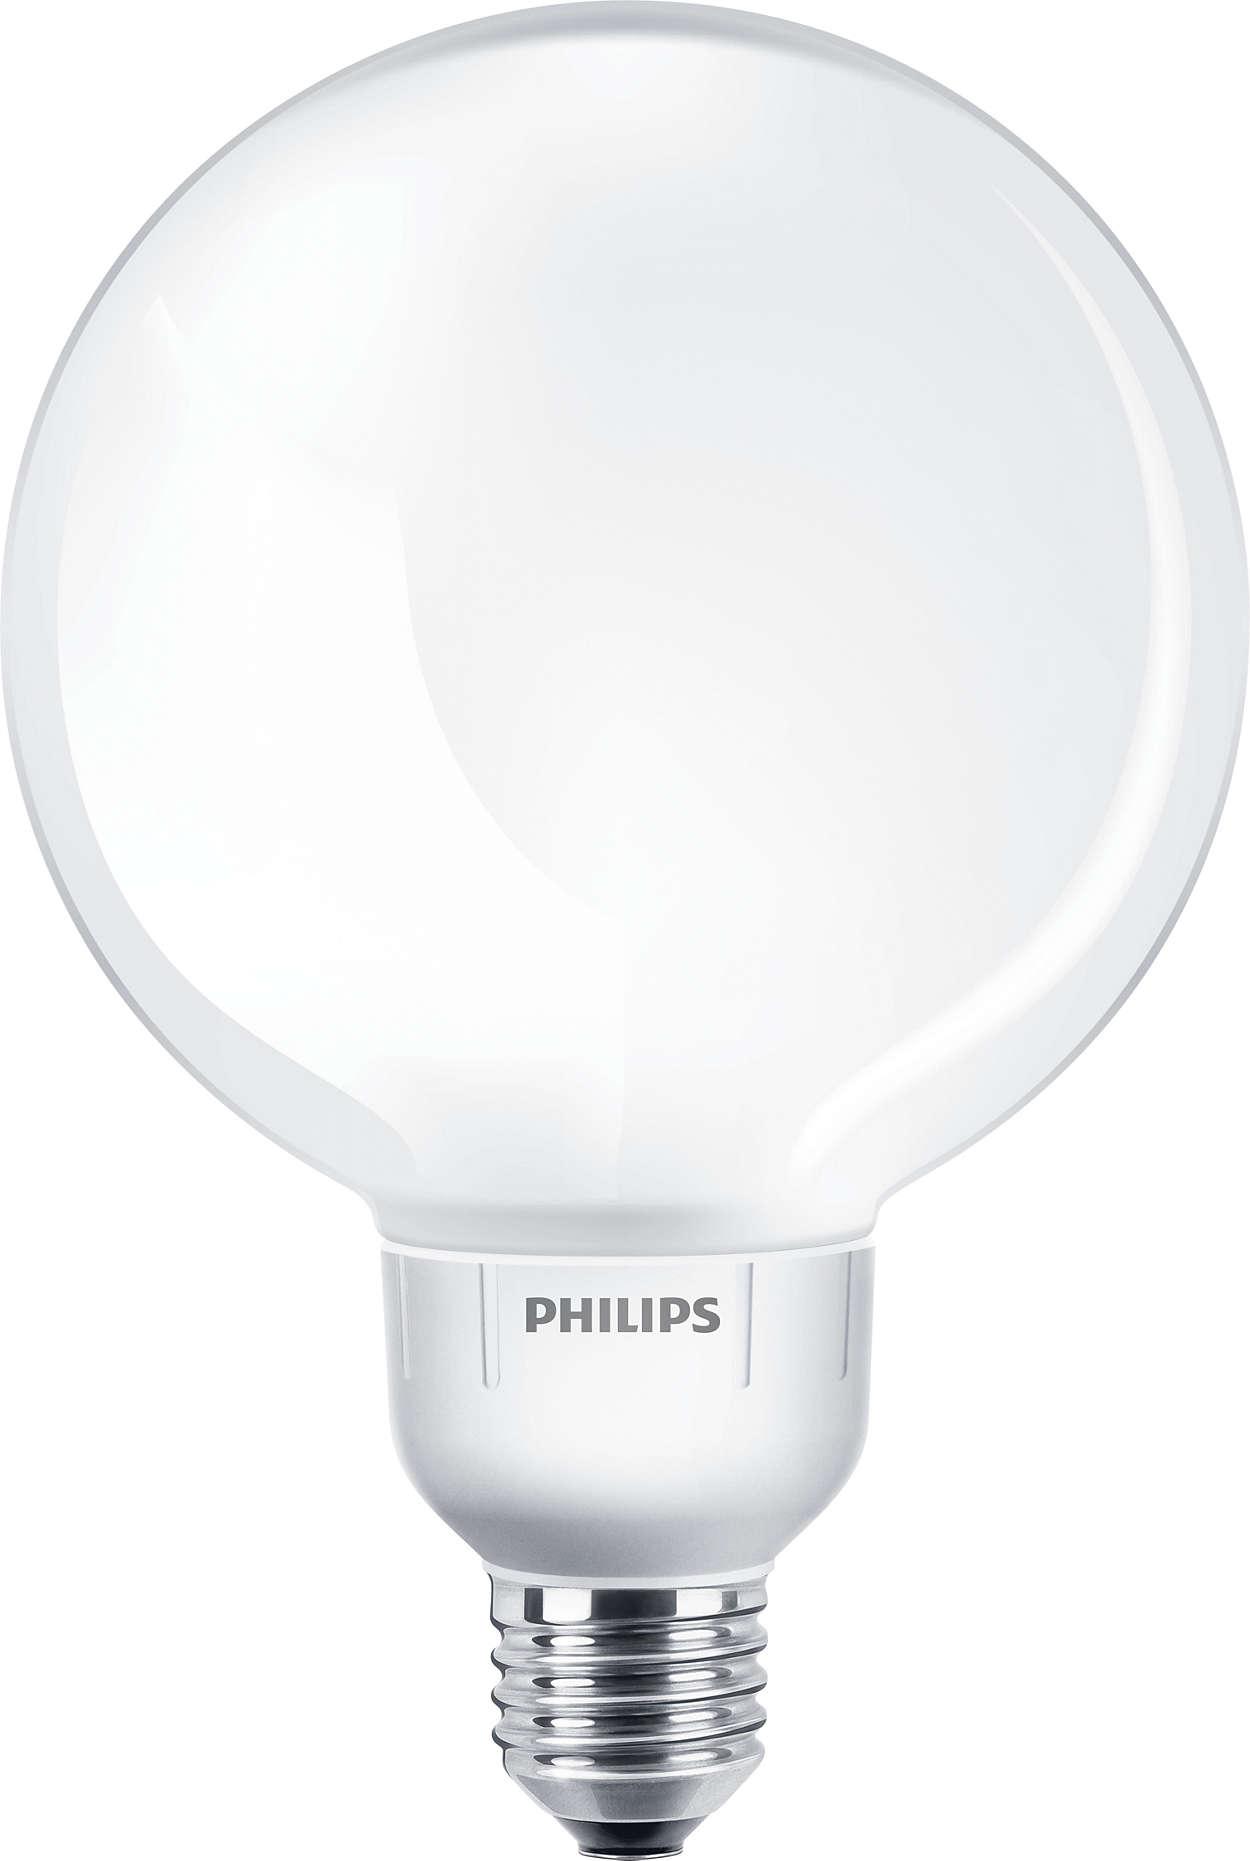 Lampe en forme de globe offrant une lumière tamisée décorative, pour compléter vos luminaires